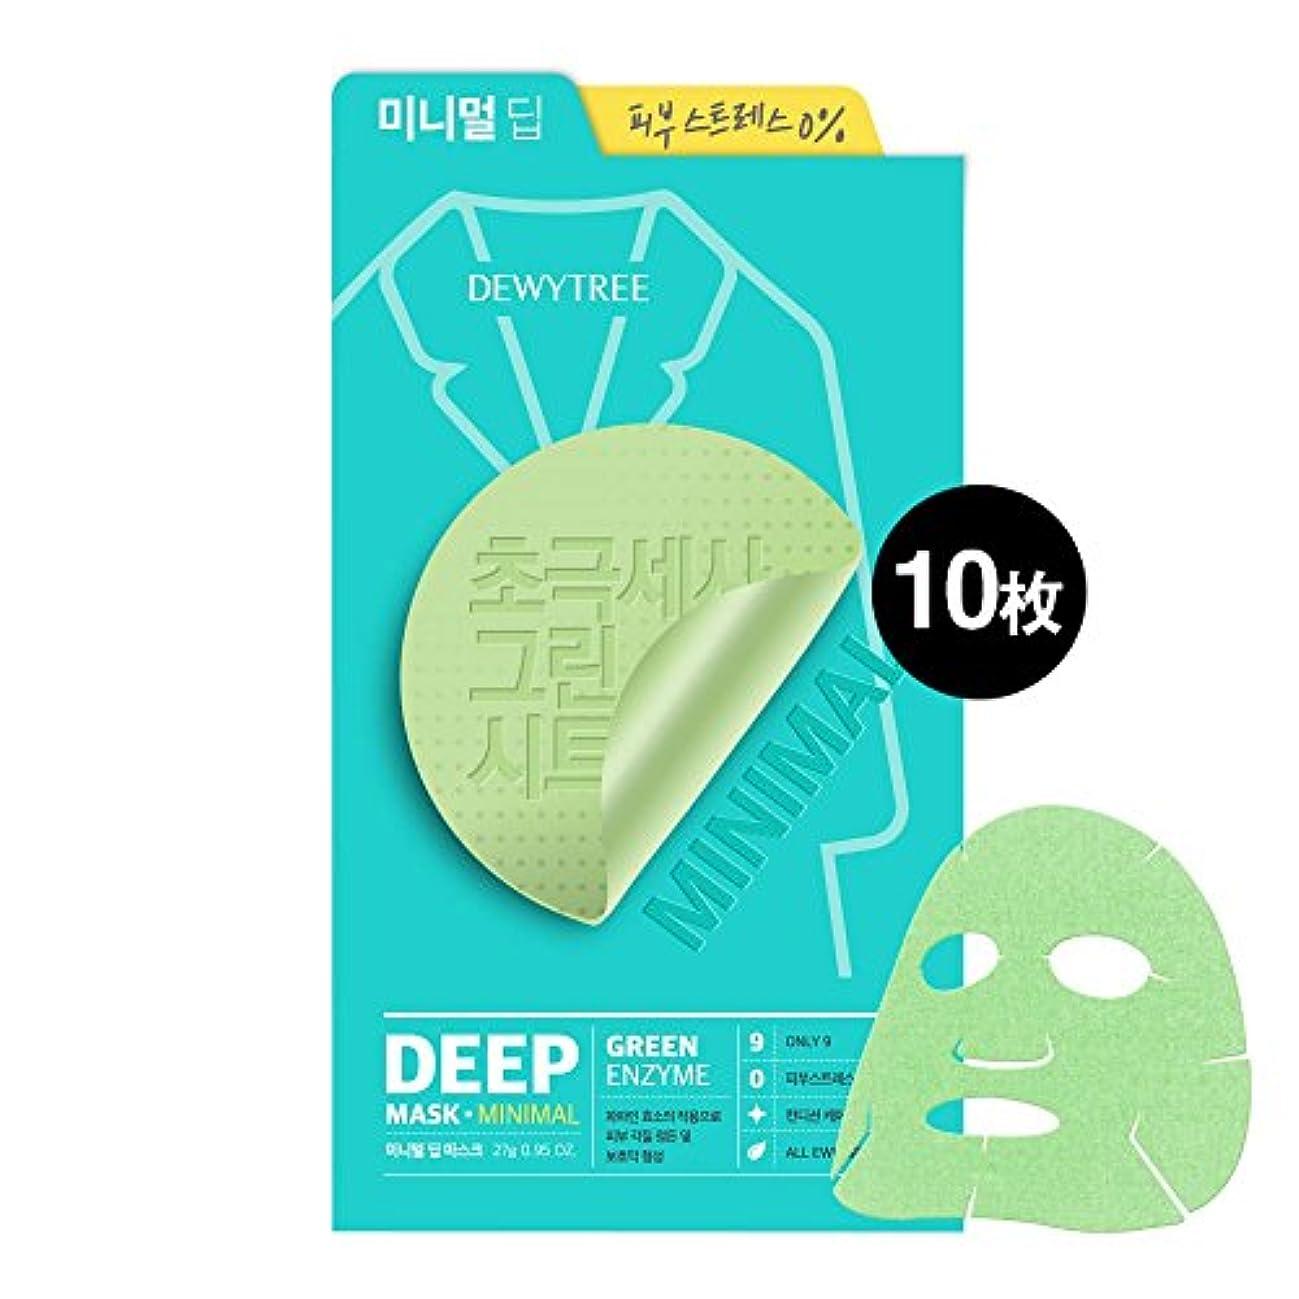 直感スロベニアスティック(デューイトゥリー) DEWYTREE ミニマルディープマスク 10枚 Minimal Deep Mask 韓国マスクパック (並行輸入品)